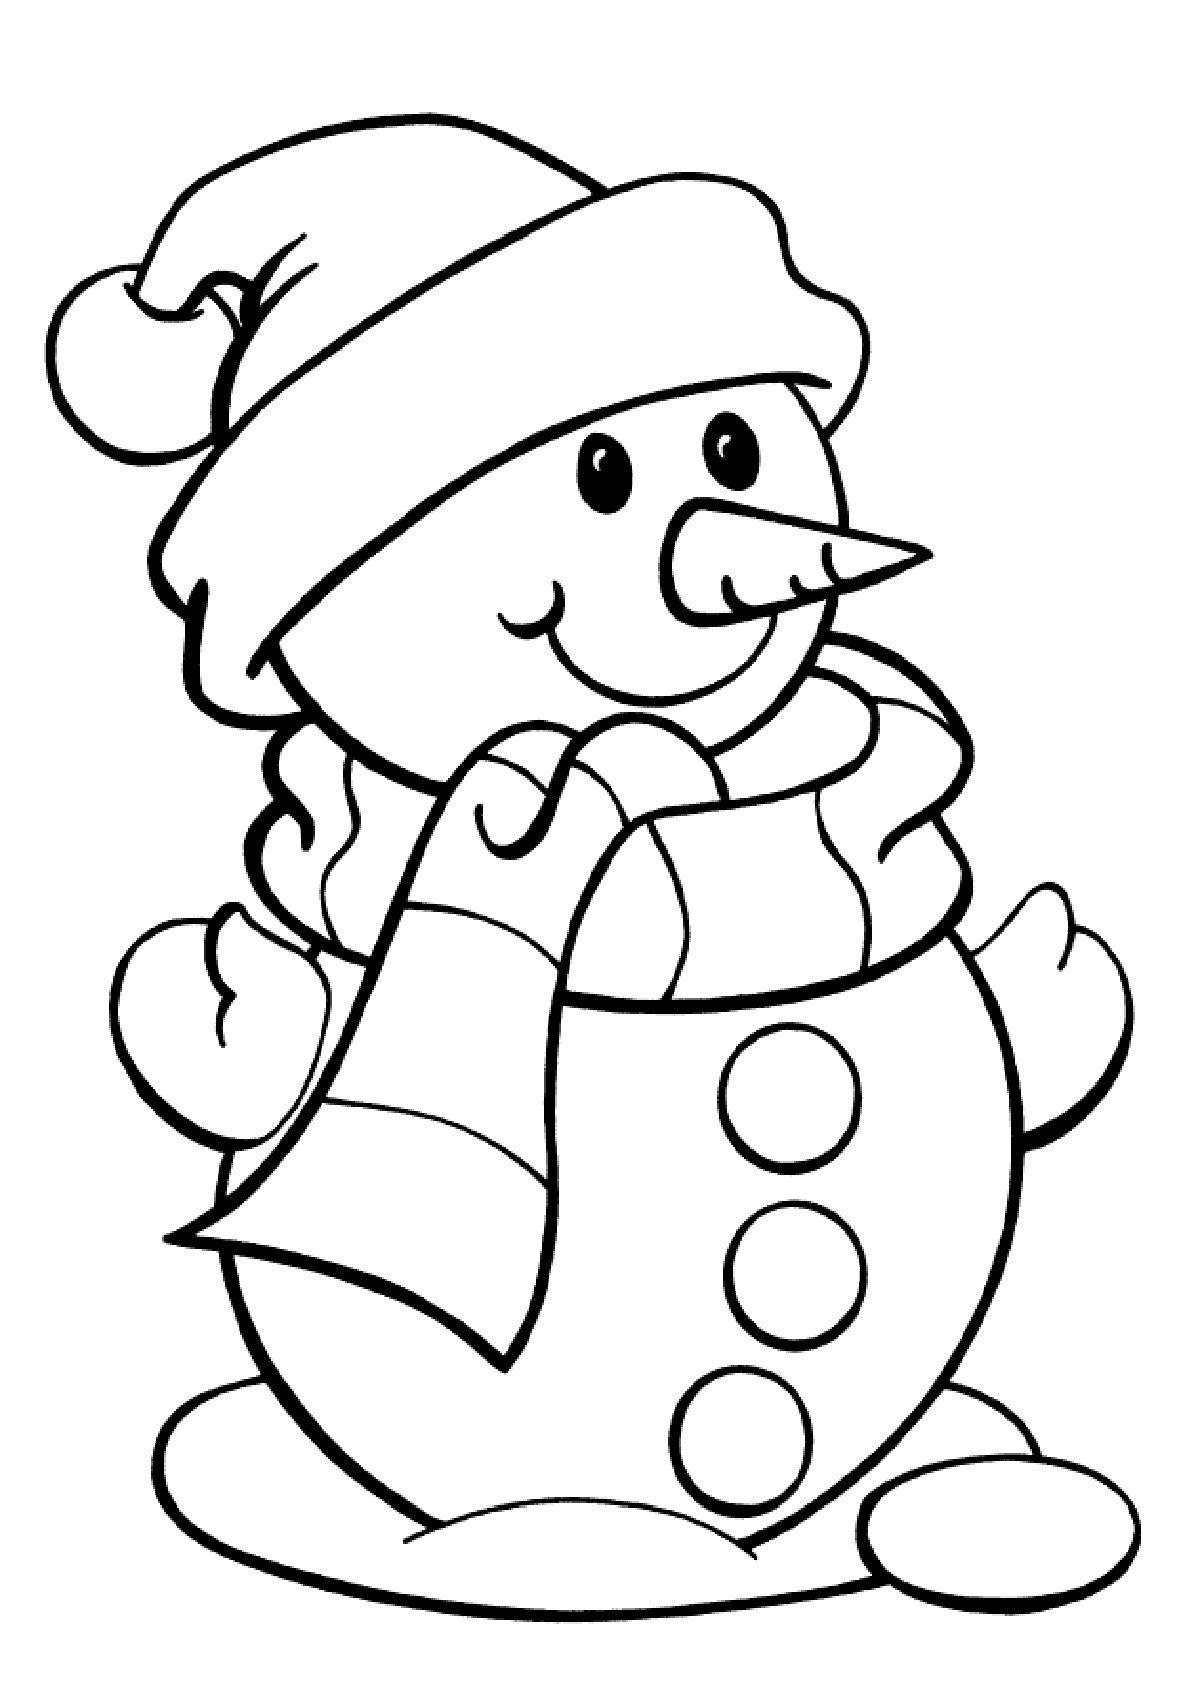 Новый год рисунок для детей, рождеством николая чудотворца